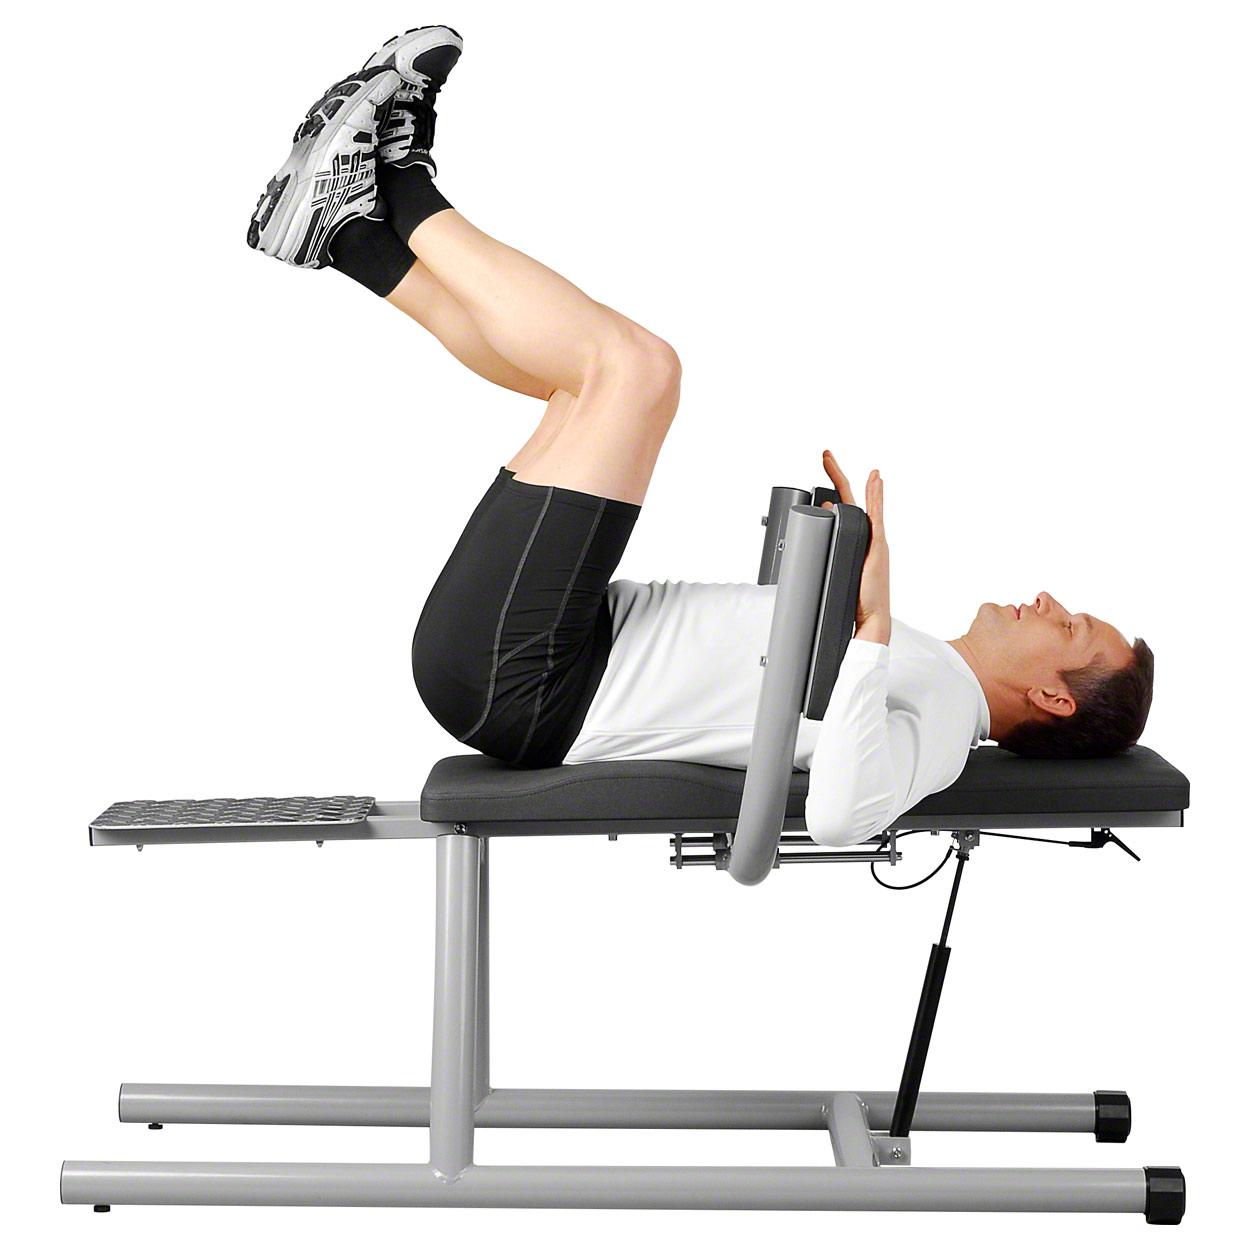 Ergo-fit Lower Crunch Bench ventre musculaire périphérique entraîneur, abdominaux, gym périphérique musculaire f2becb